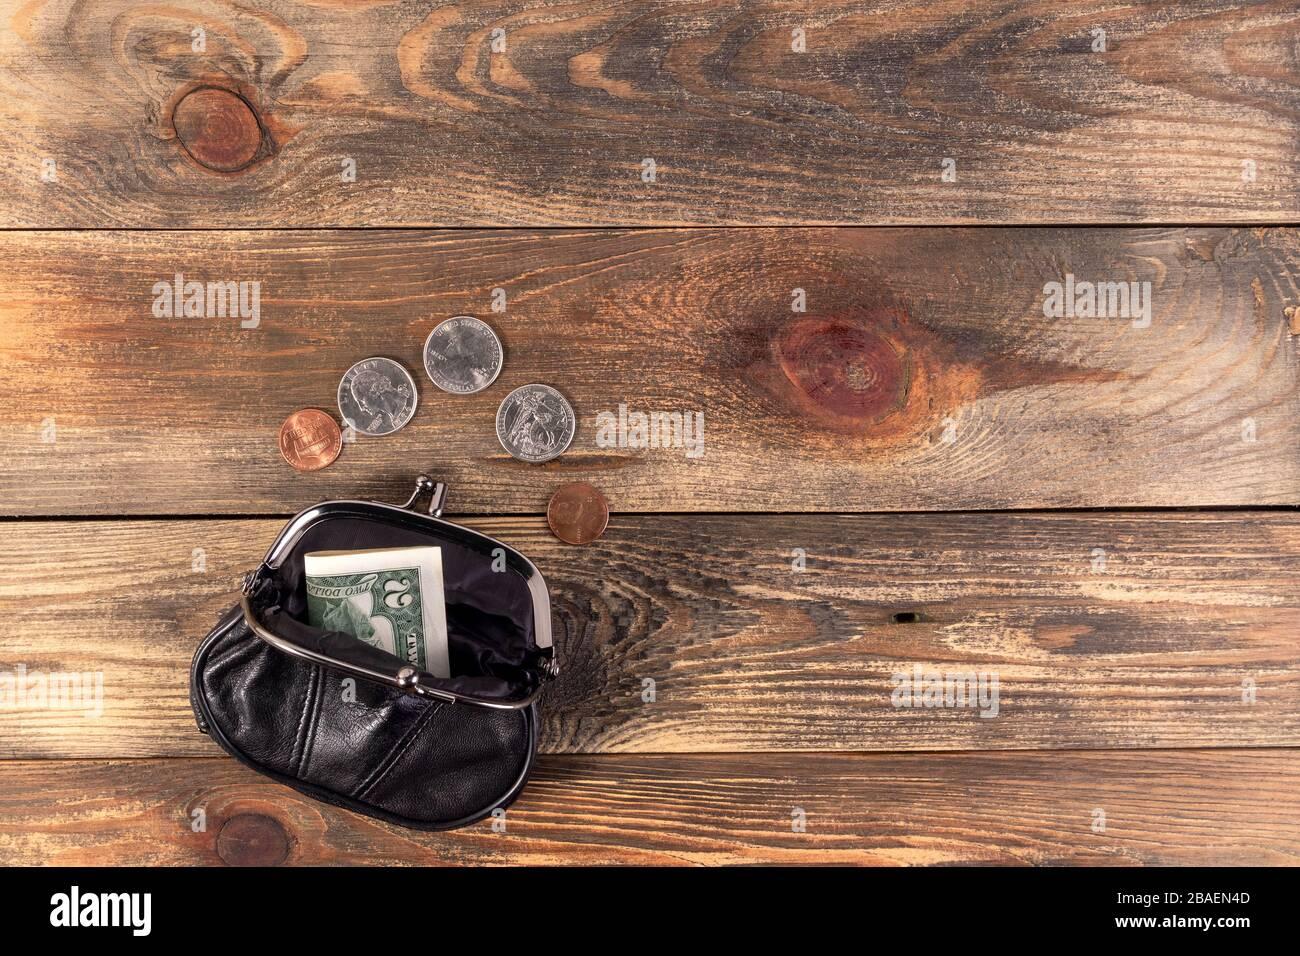 Portefeuille en cuir noir ouvert avec pièces de monnaie d'un cent, quart de dollar et 2 dollars billets à proximité. La crise financière, la pauvreté, le manque d'argent. Sur bois b Banque D'Images